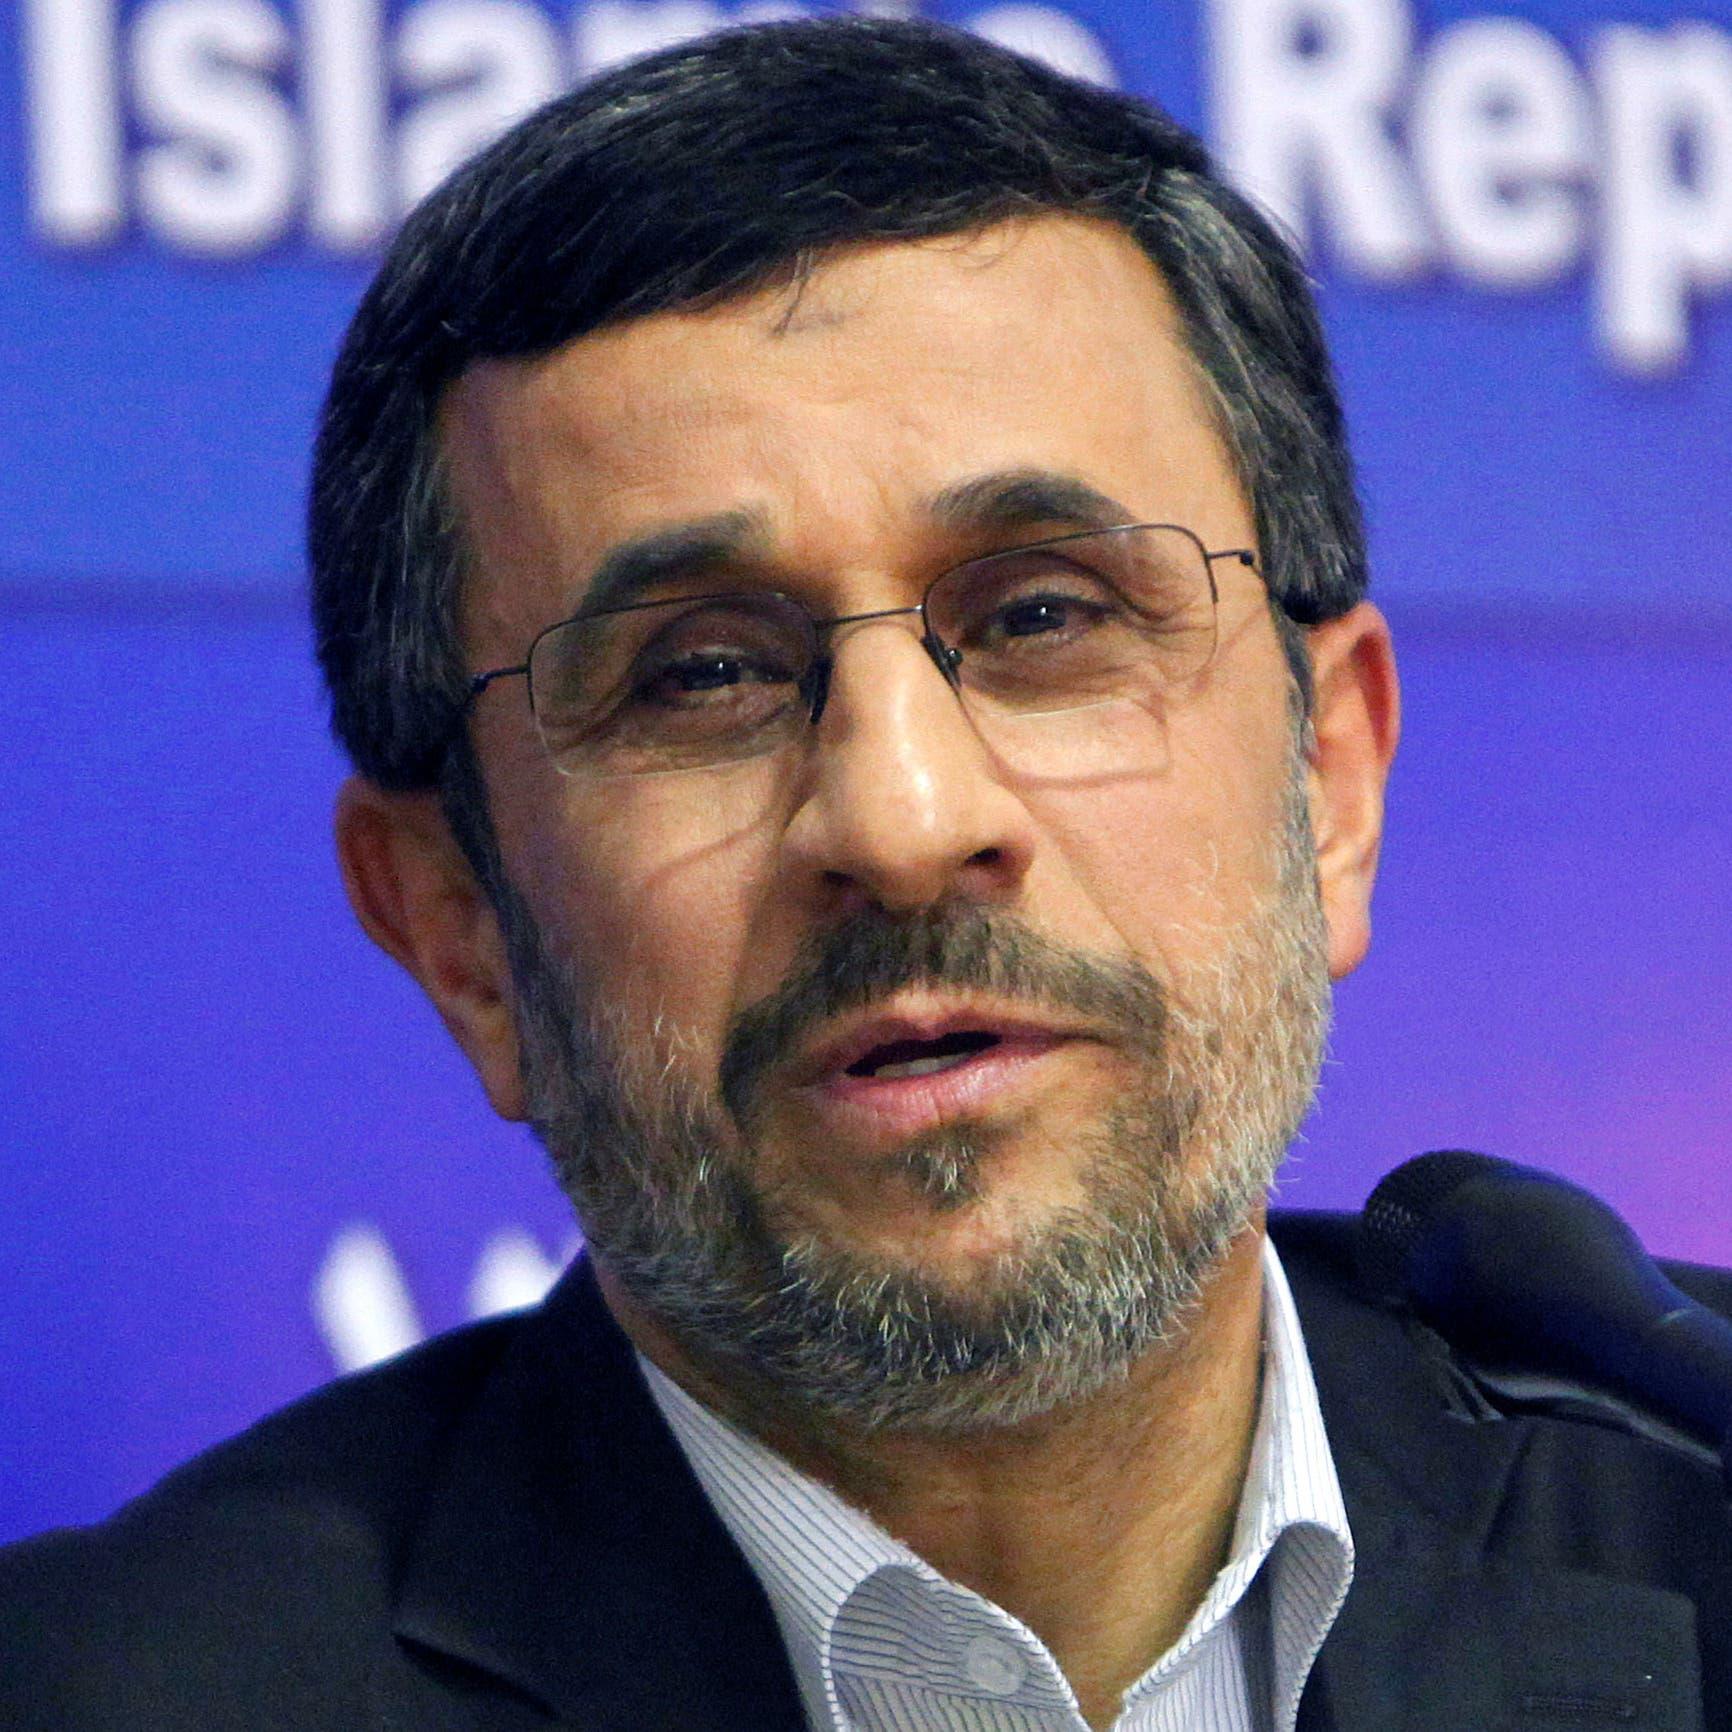 أحمدي نجاد: مسؤول أمني هددني بعد تحذيراتي من خطر طالبان